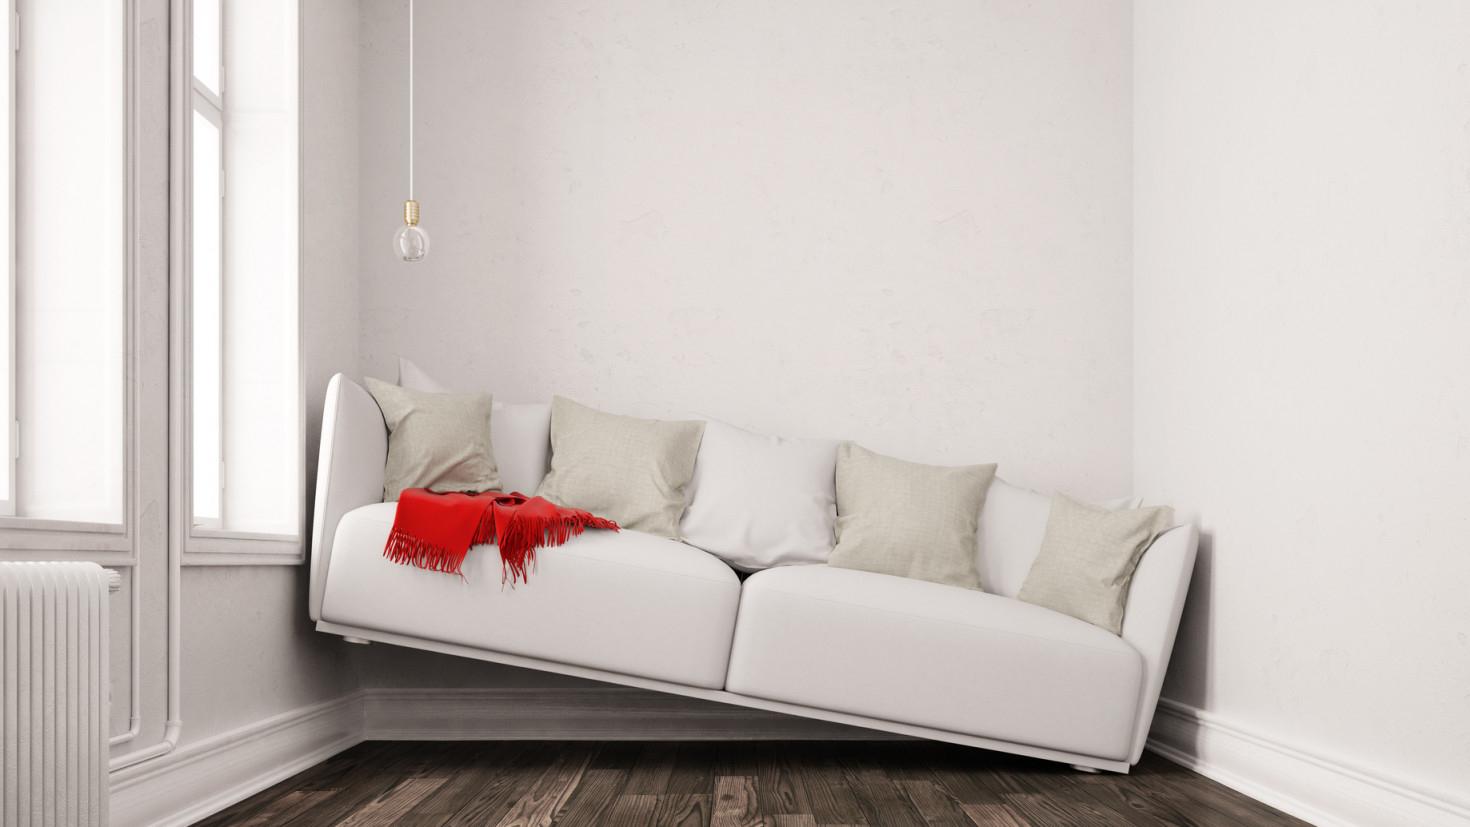 Kleines Wohnzimmer Einrichten  10 Ultimative Ideen von 15 Qm Wohnzimmer Einrichten Bild